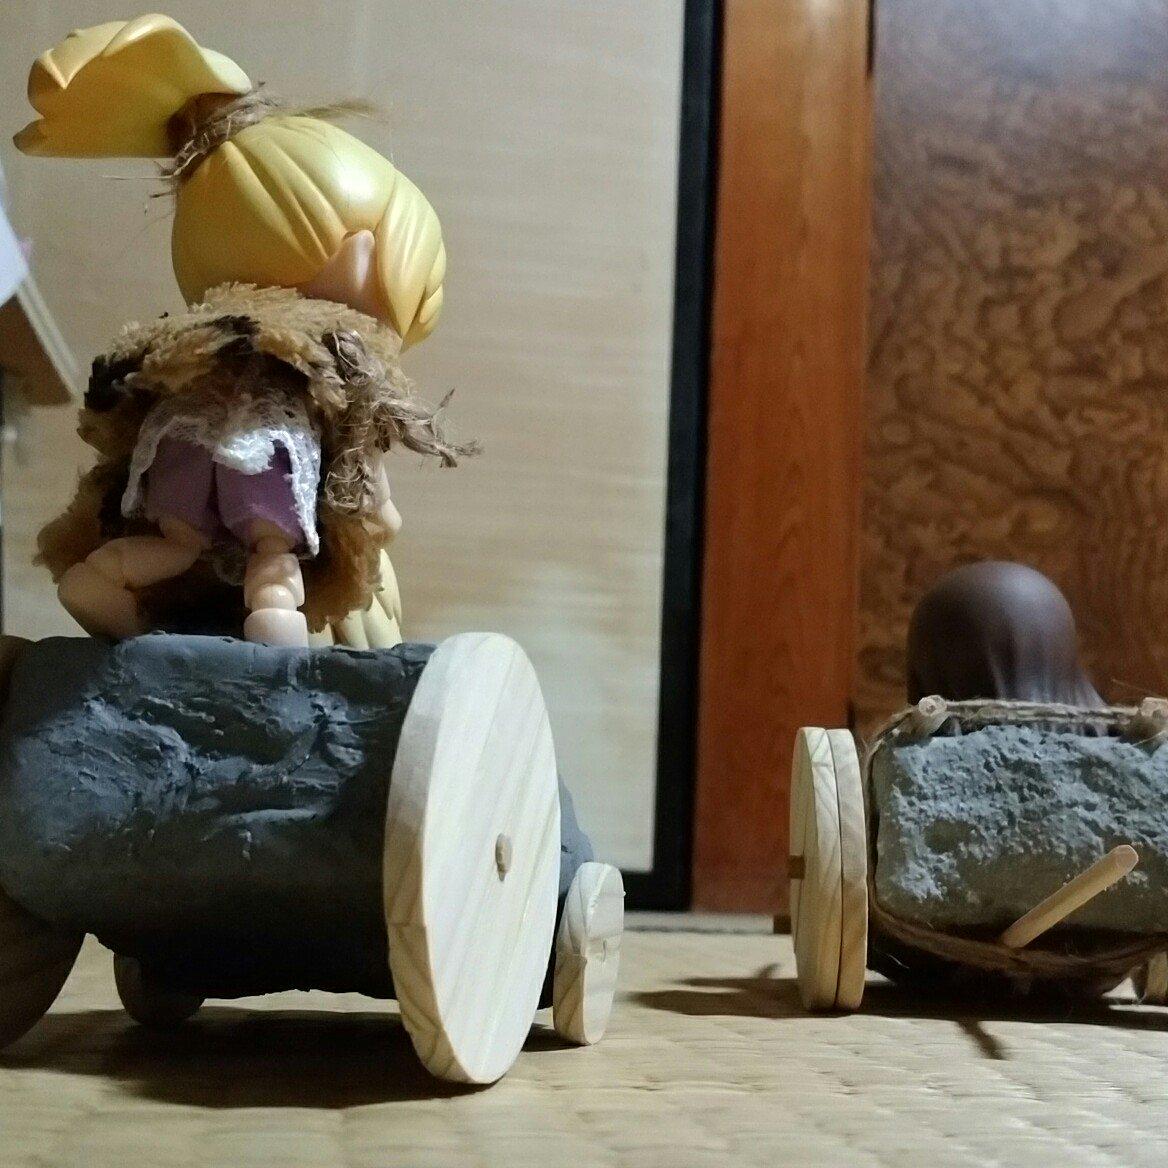 感動面白いストーリー,原始人の育成変化,フィギュア,暮らし衣服装